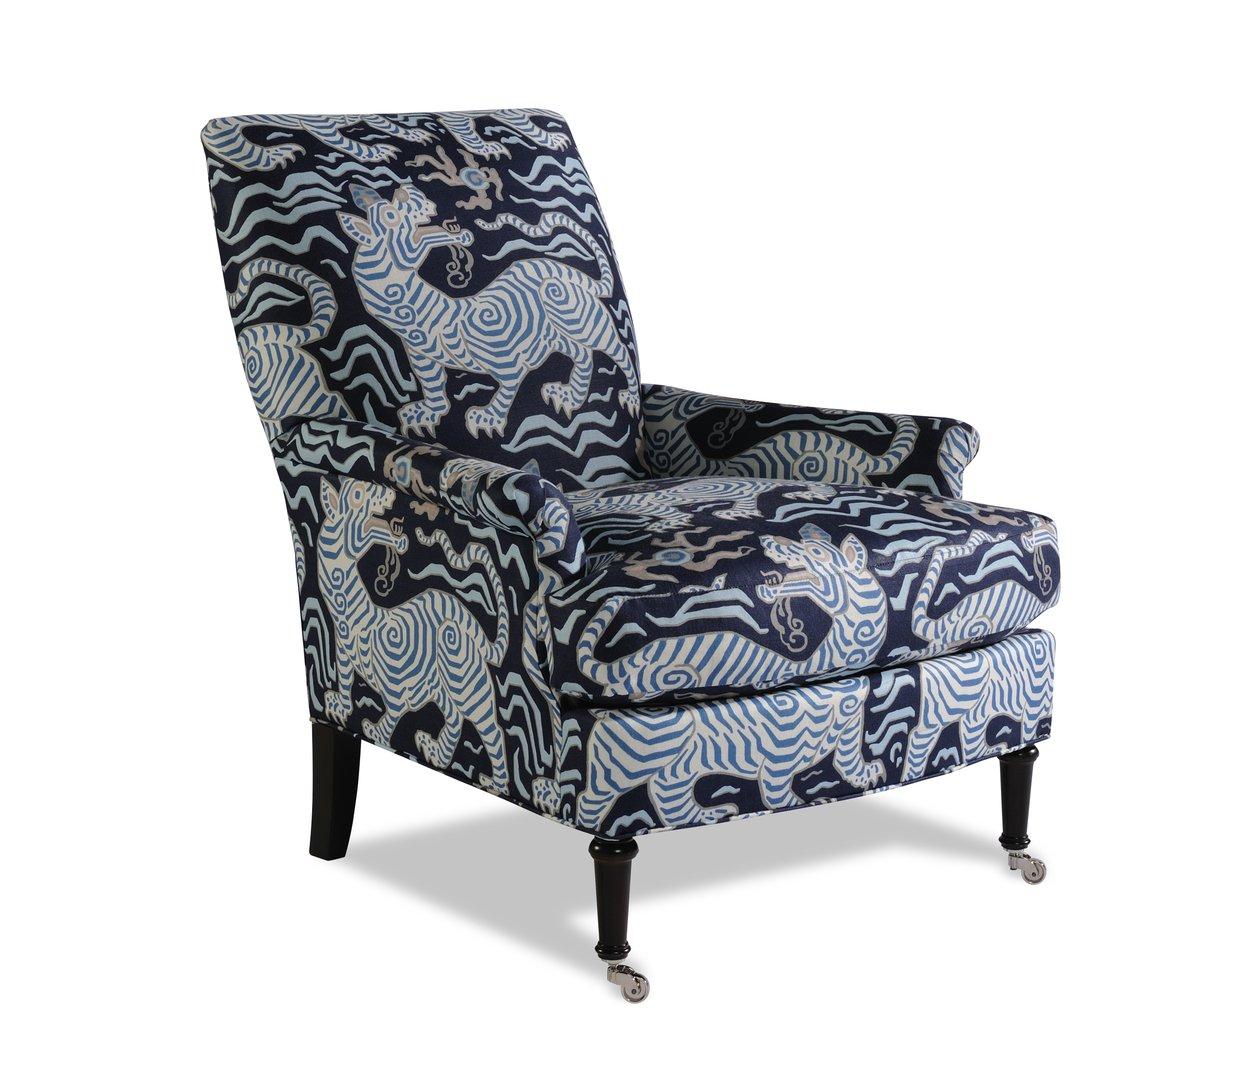 7612-01_chair